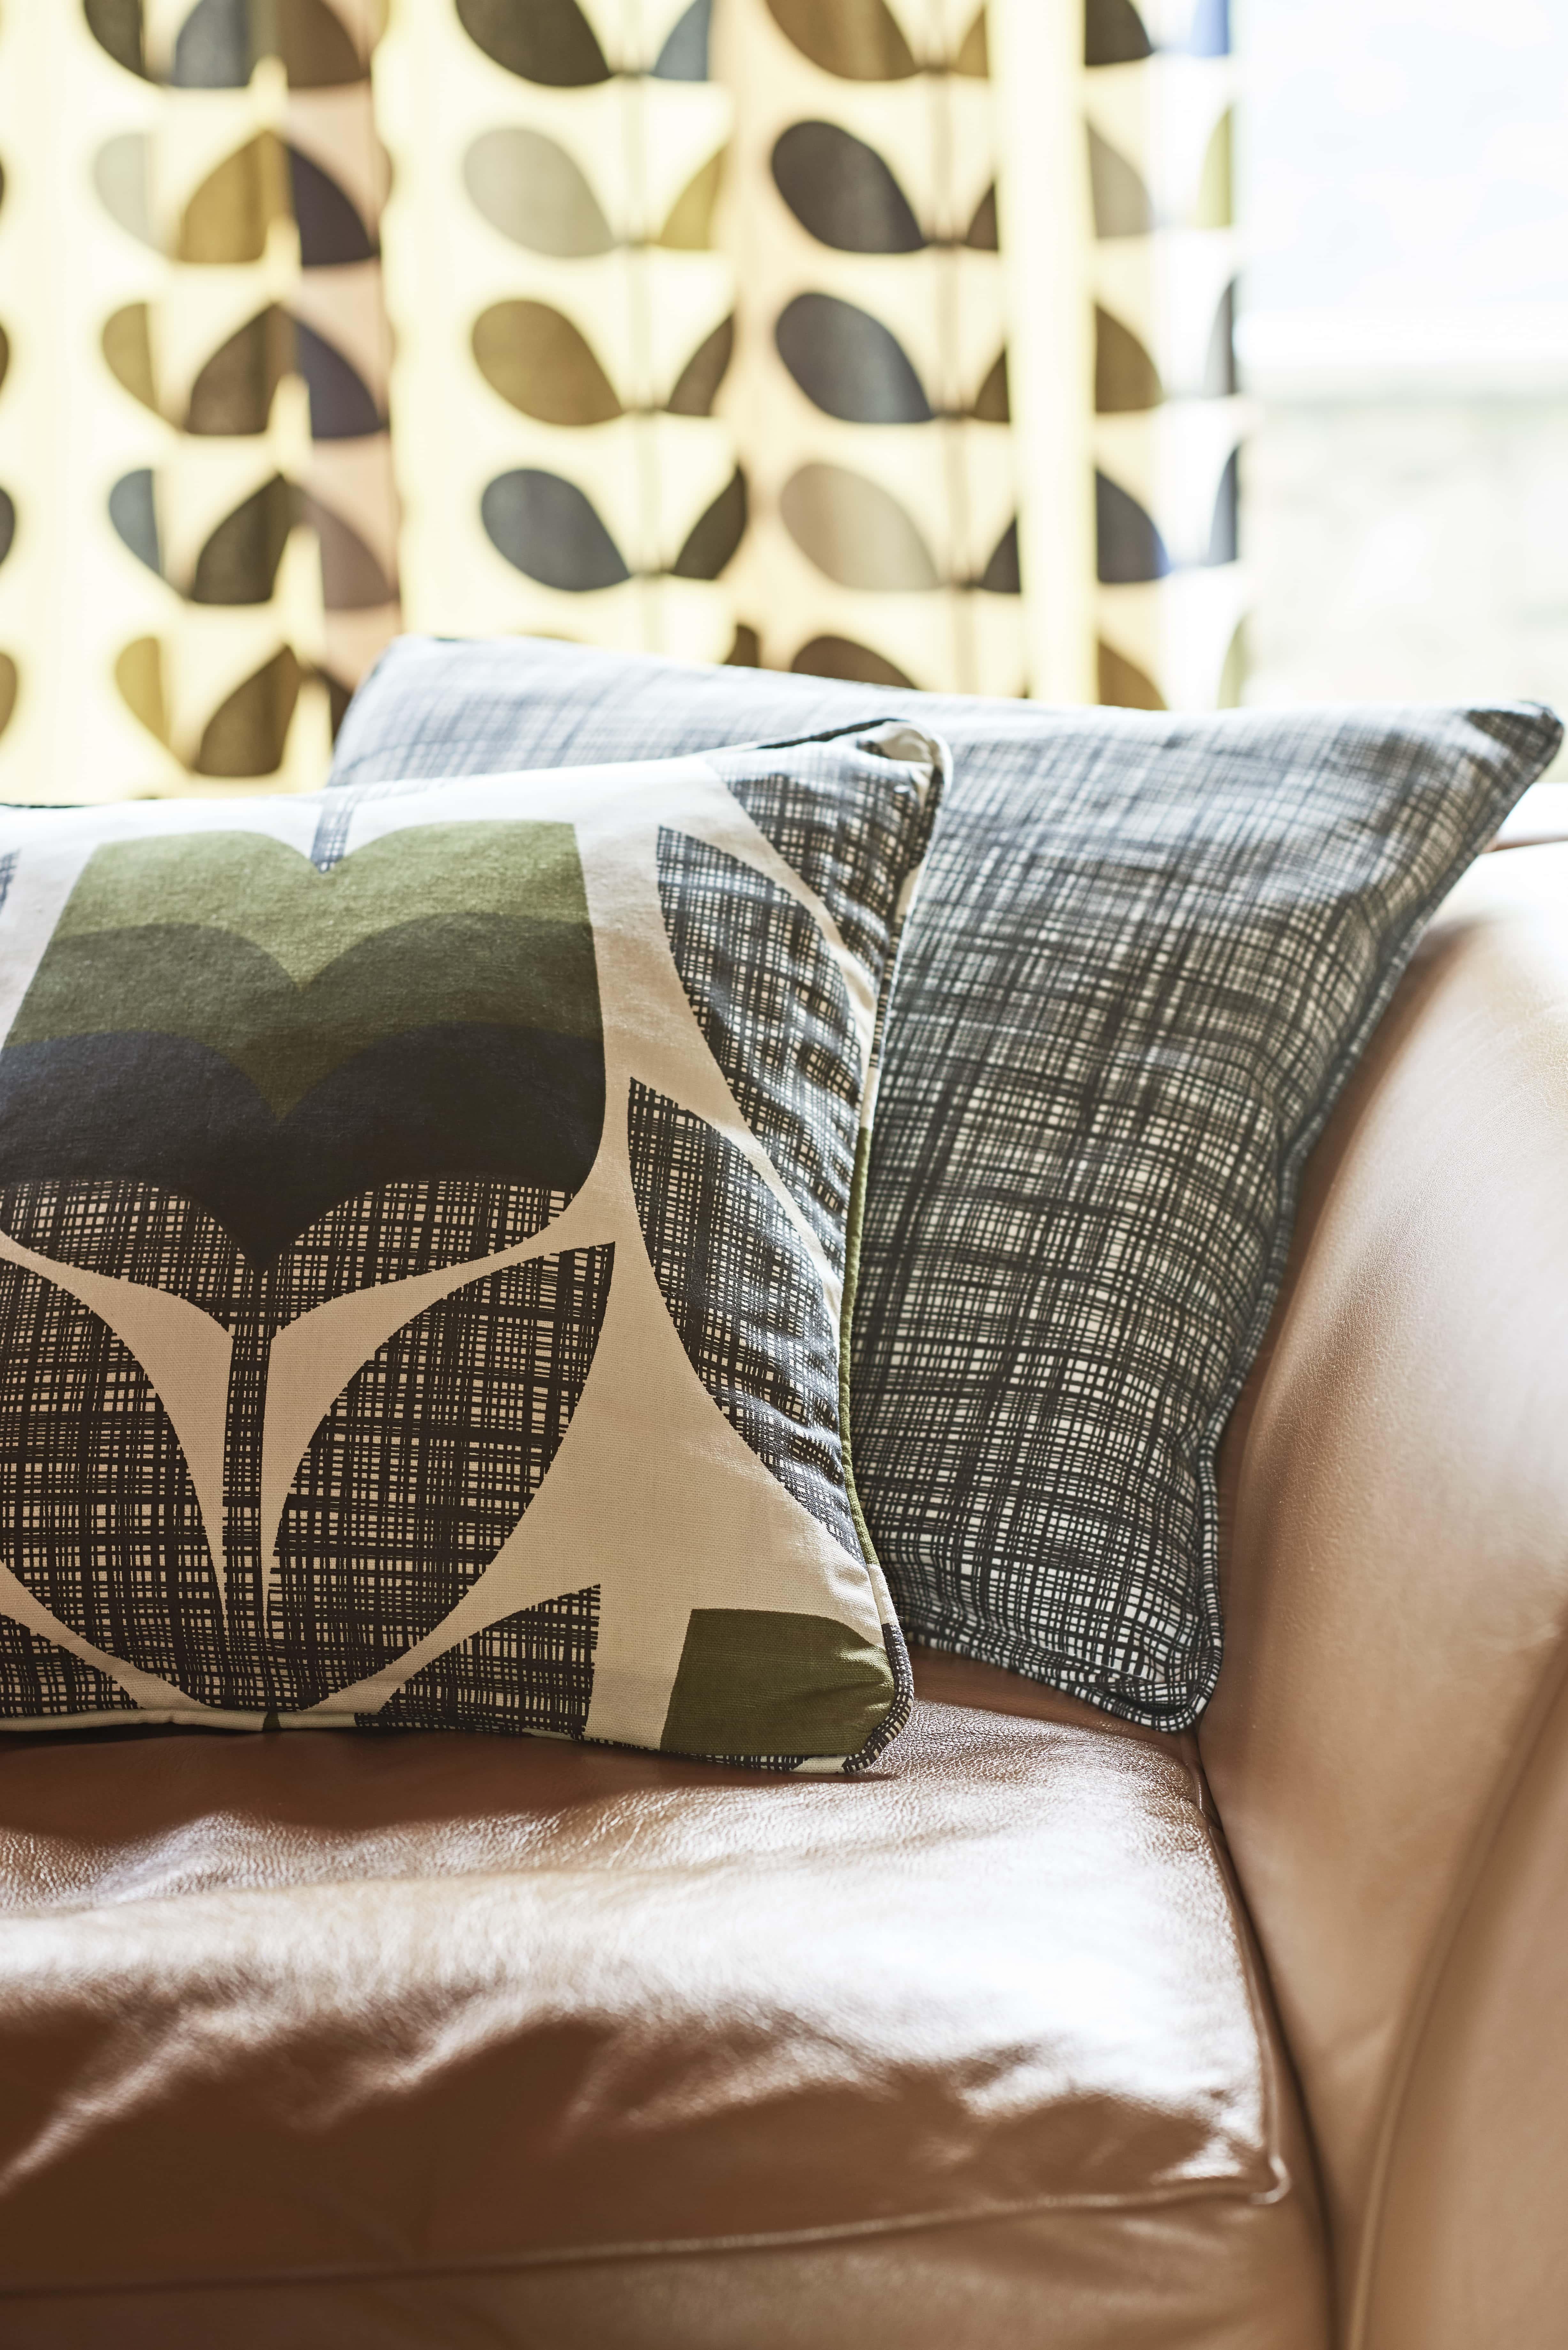 Orla Kiely design cushions and curtains